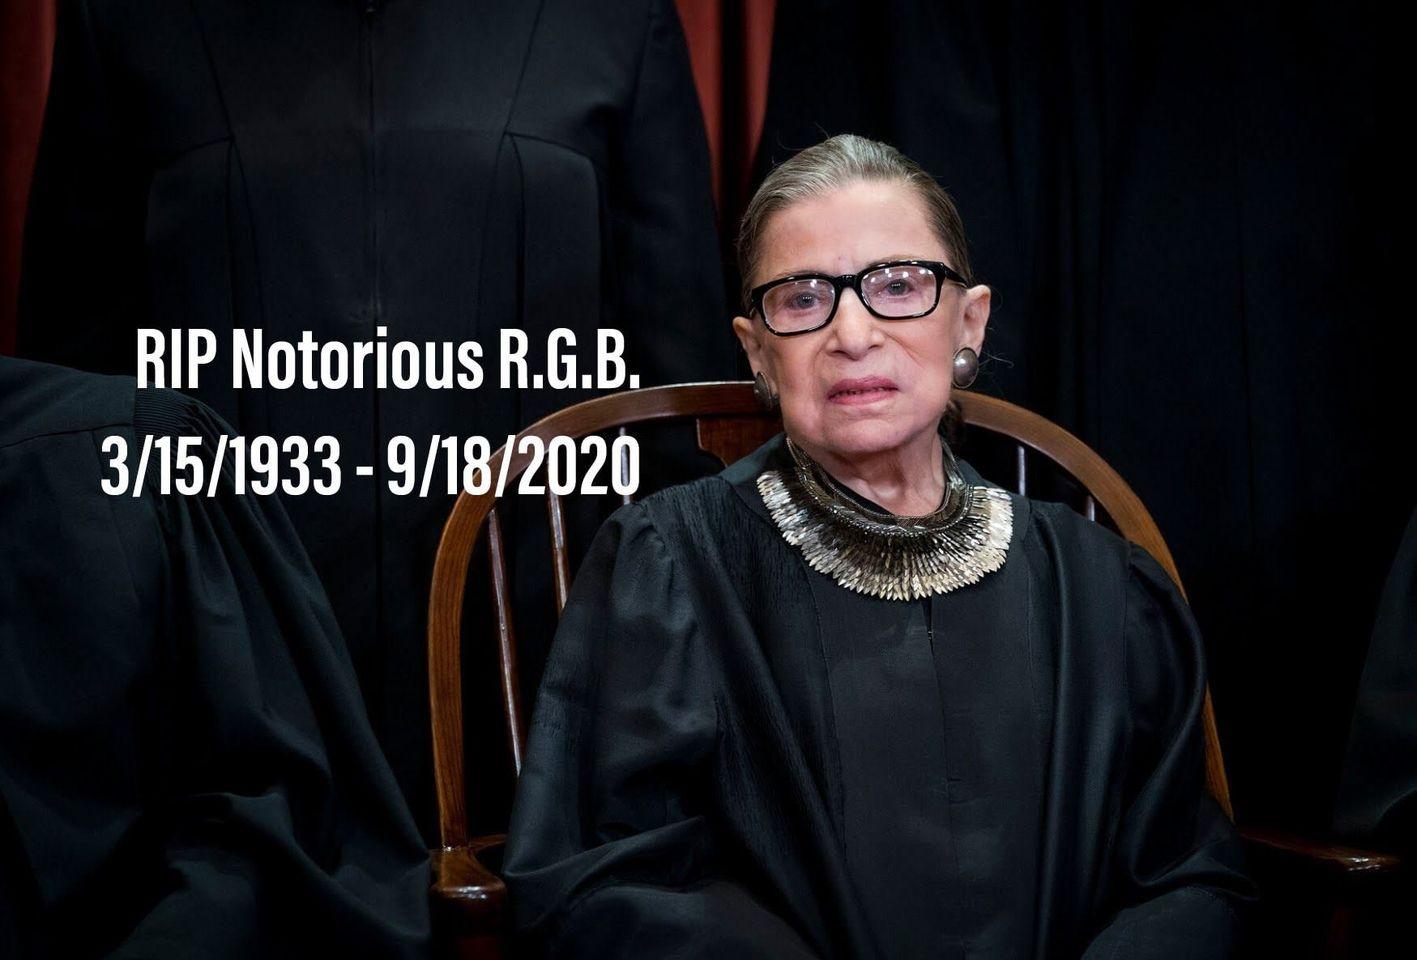 RIP NOTORIOUS RBG